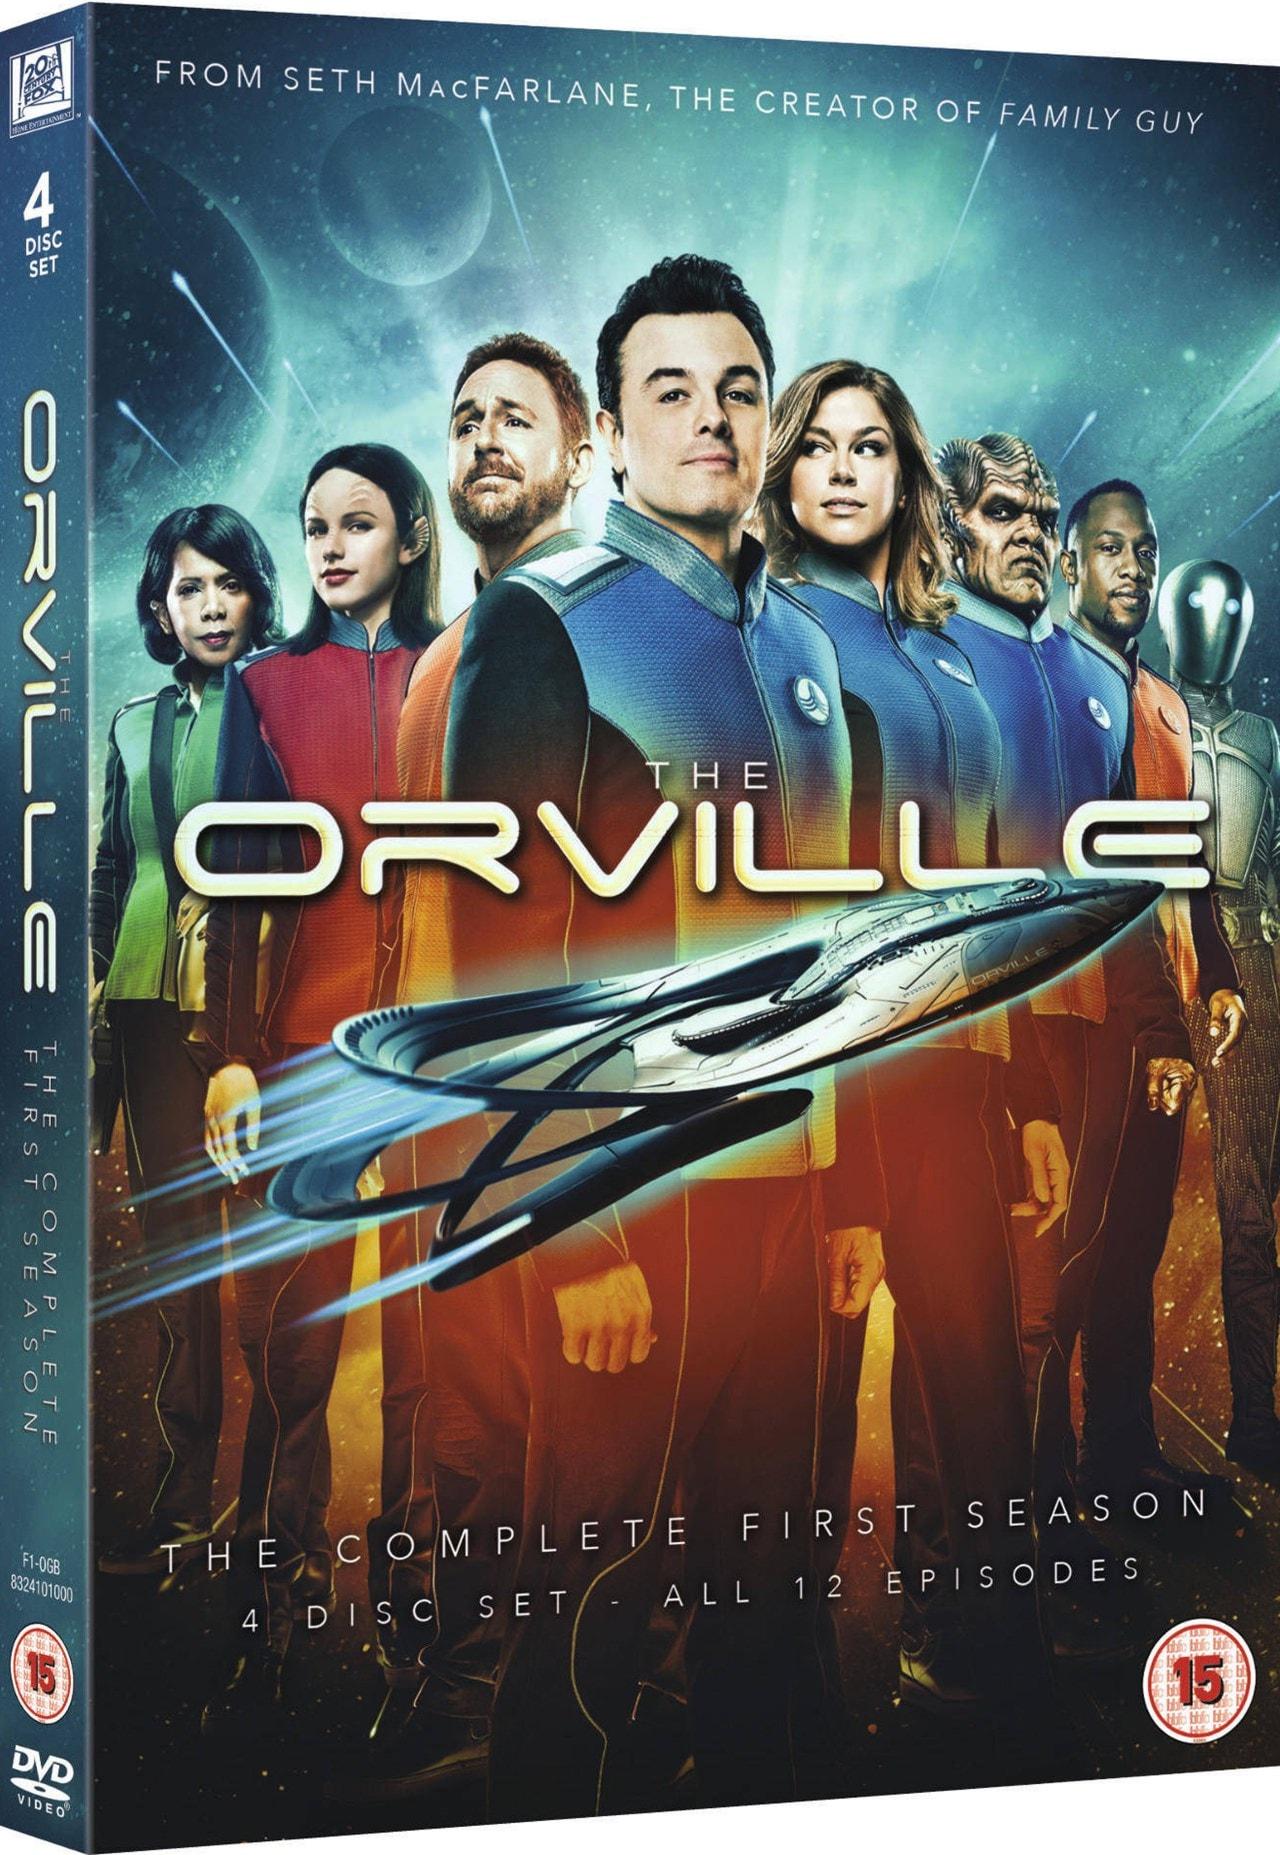 The Orville: Season 1 - 2